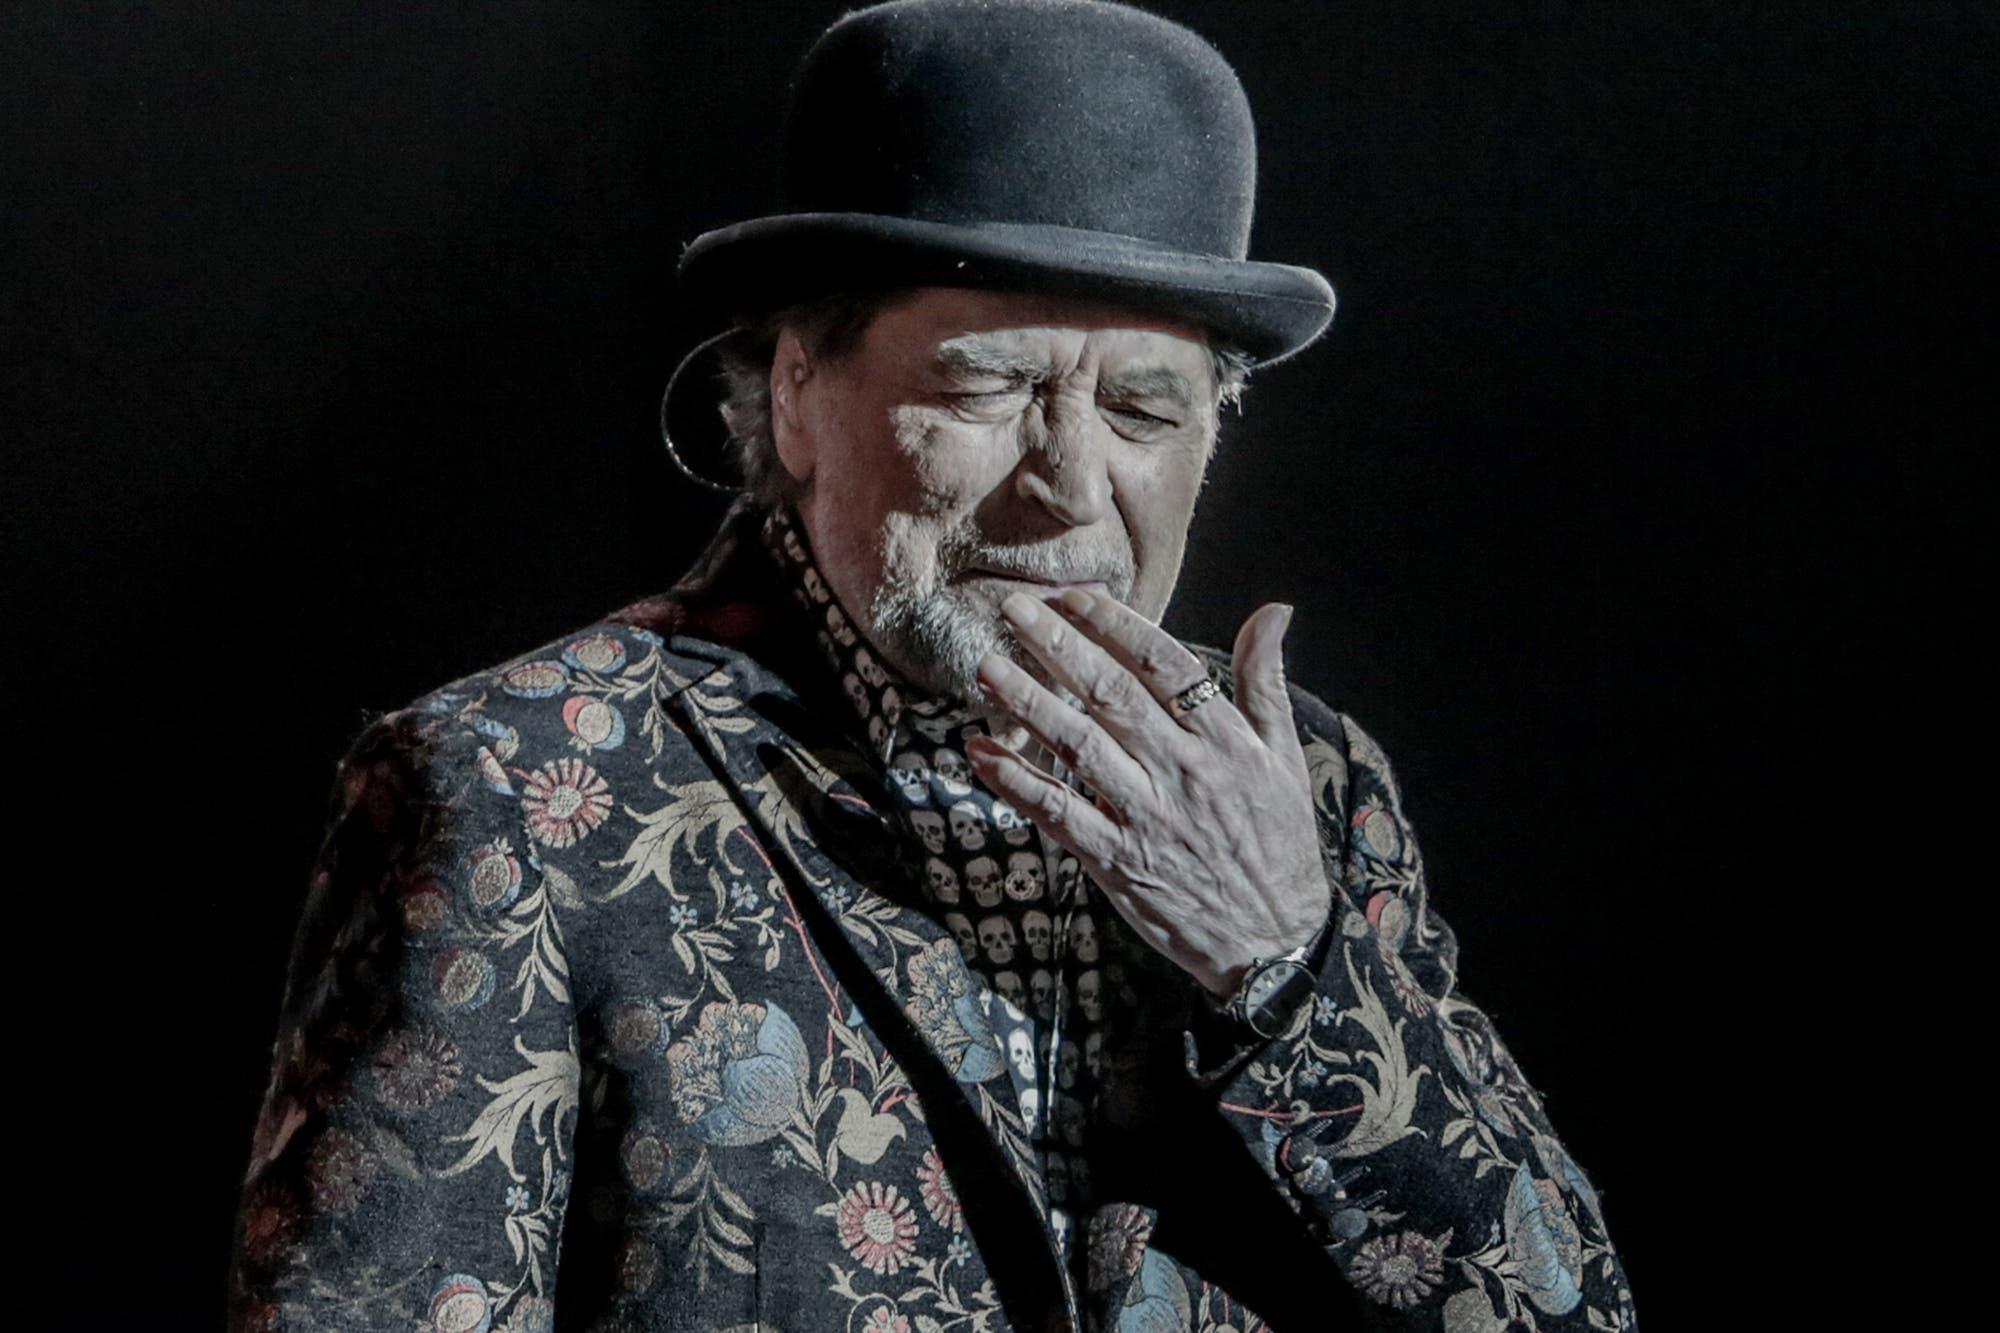 Dieron de alta a Joaquín Sabina tras la operación por su caída en un concierto